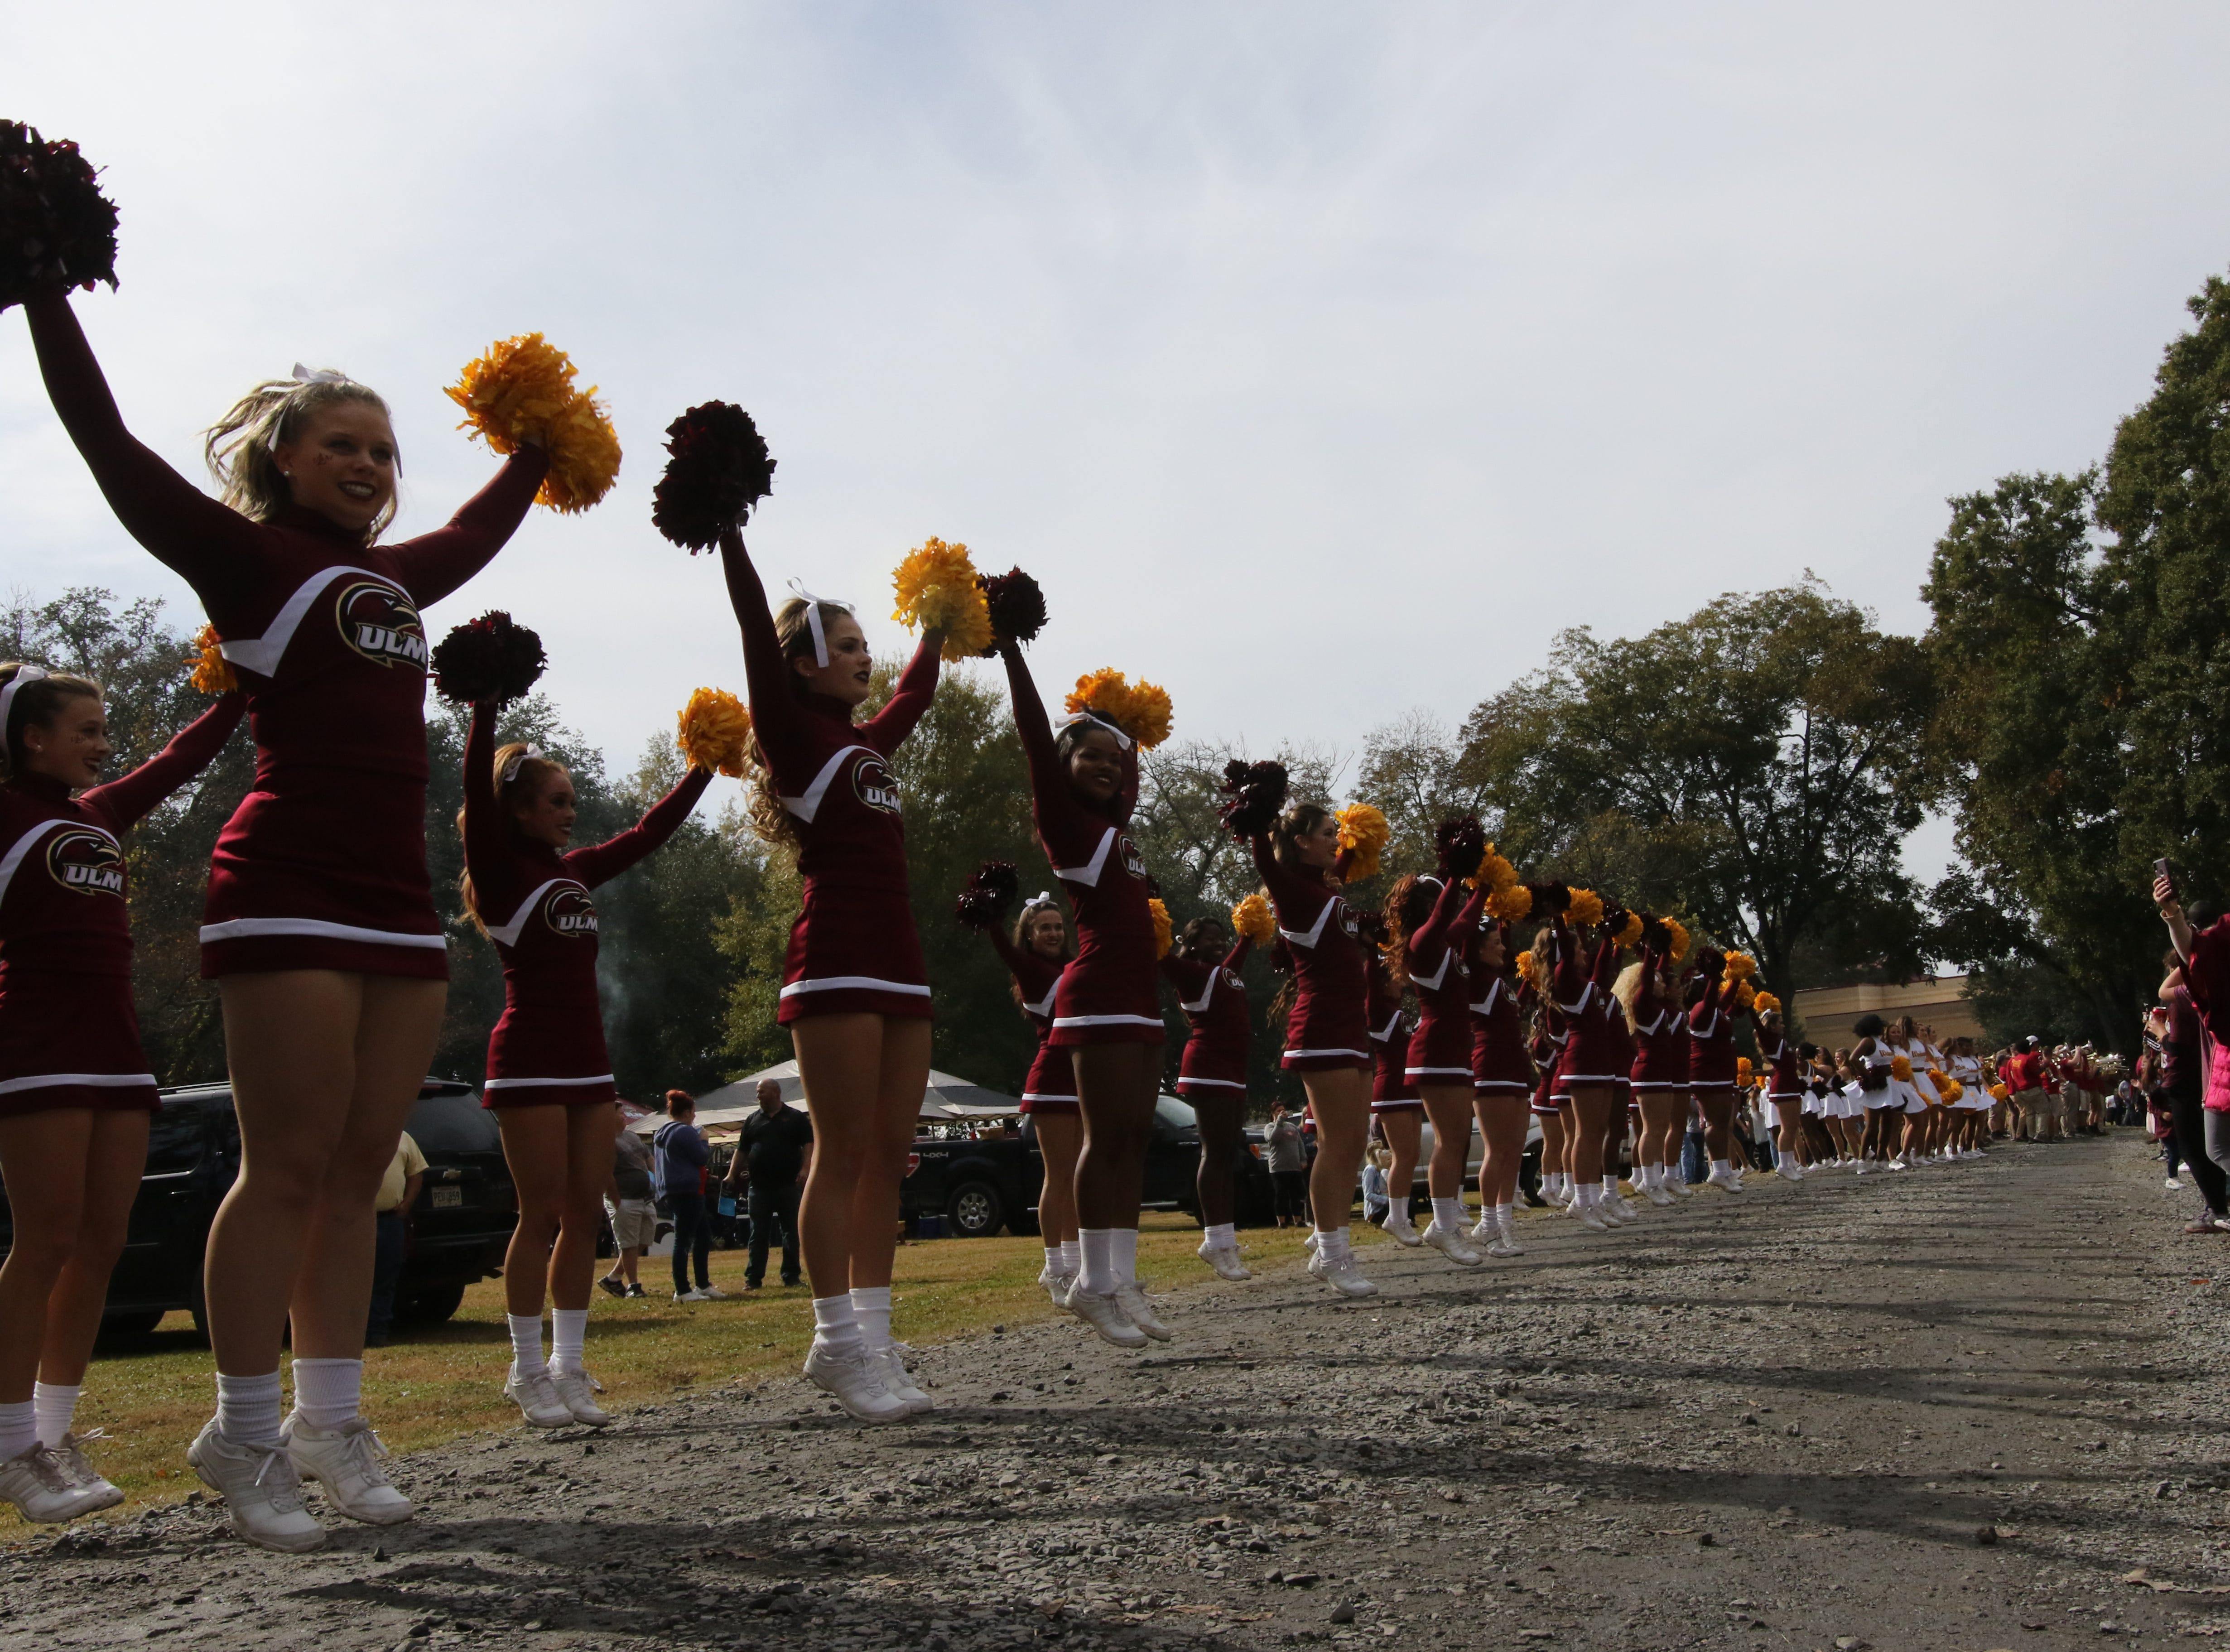 University of Louisiana at Lafayette vs. University of Louisiana at Monroe